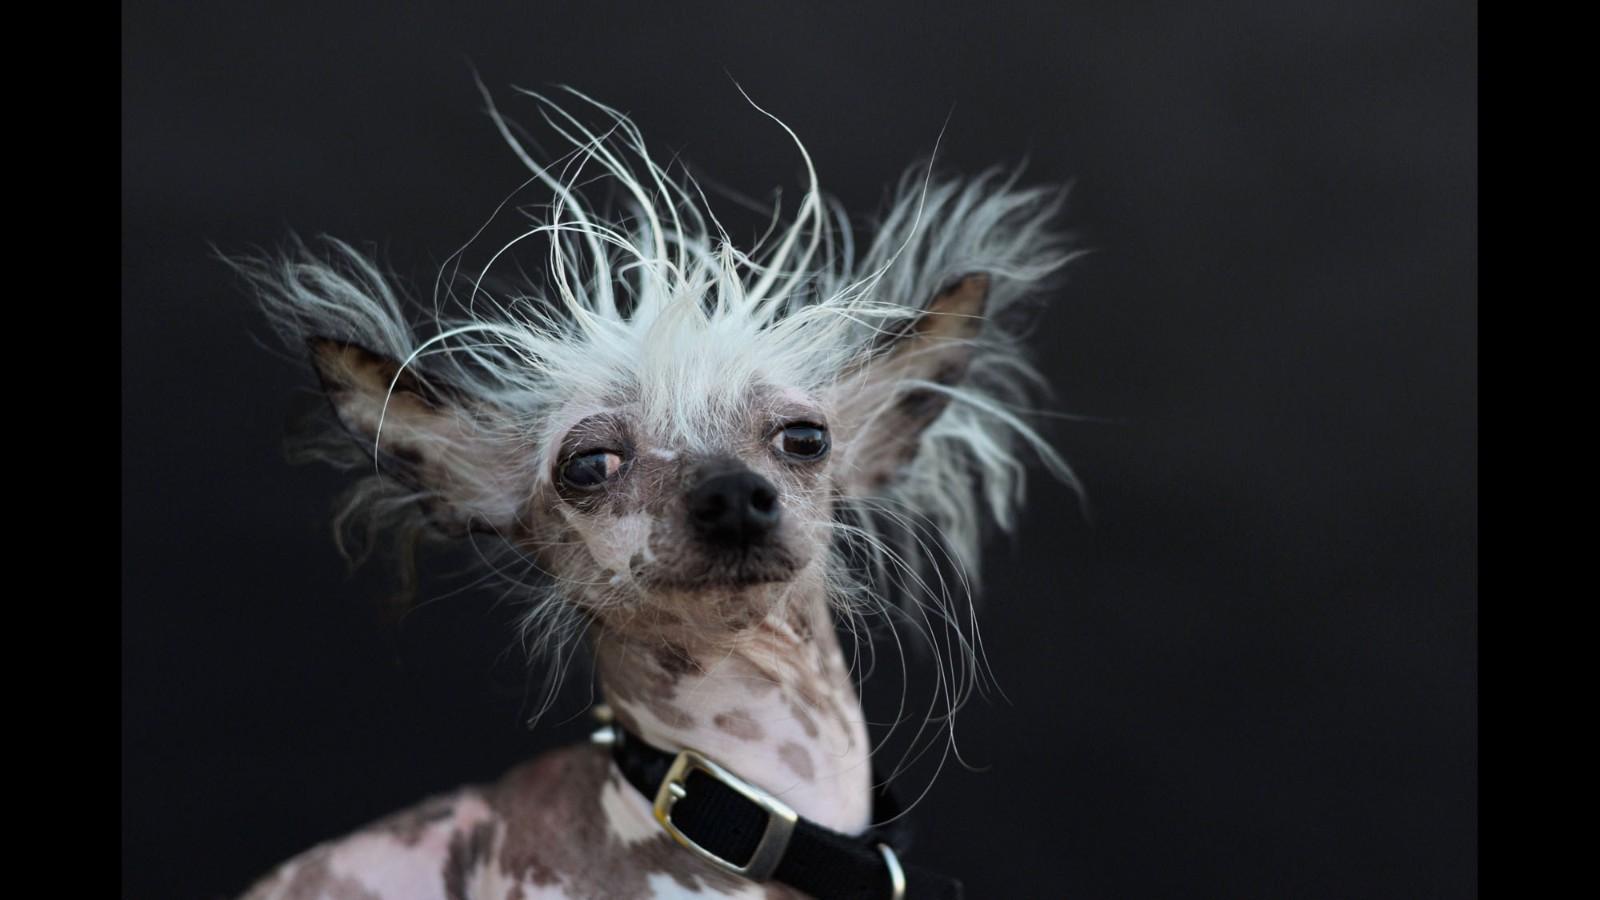 Graceful 150627125003 04 Ugliest Dog 0627 Super Tease Ugly Dog Breeds Ugly Hunting Dog Breeds bark post Ugly Dog Breeds